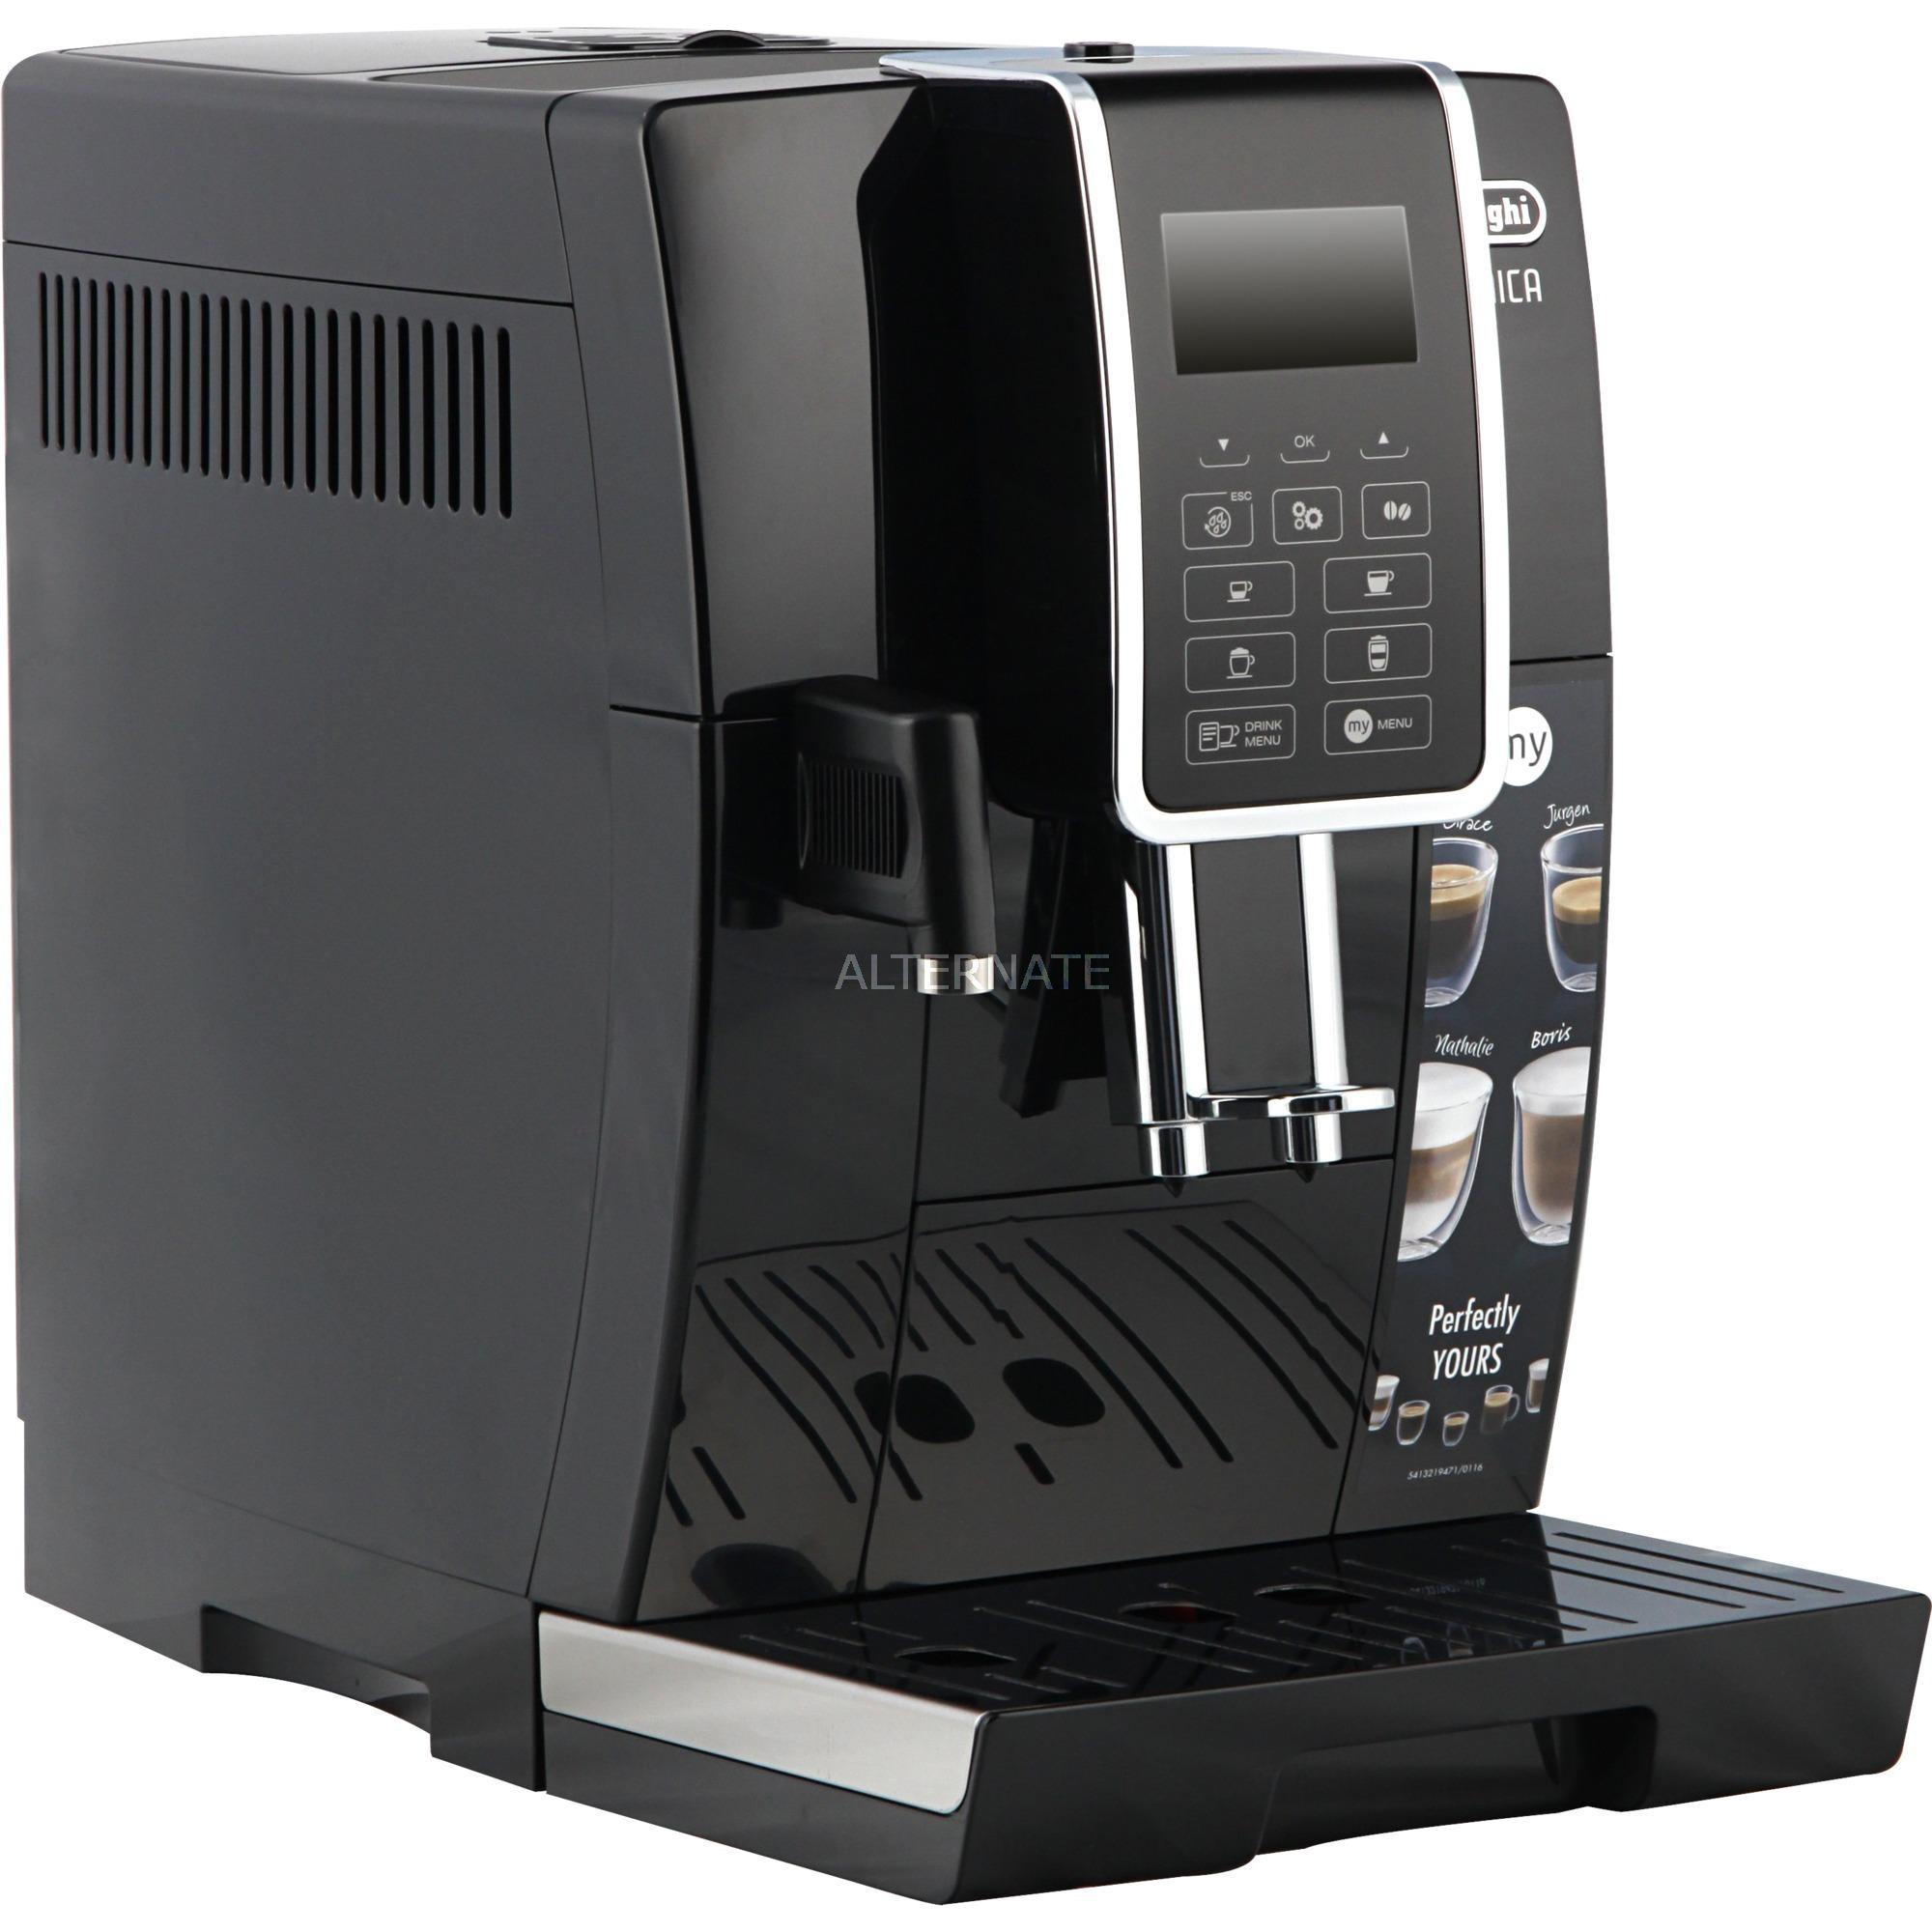 DINAMICA ECAM 350.55.B Independiente Máquina espresso Negro Totalmente automática, Superautomática